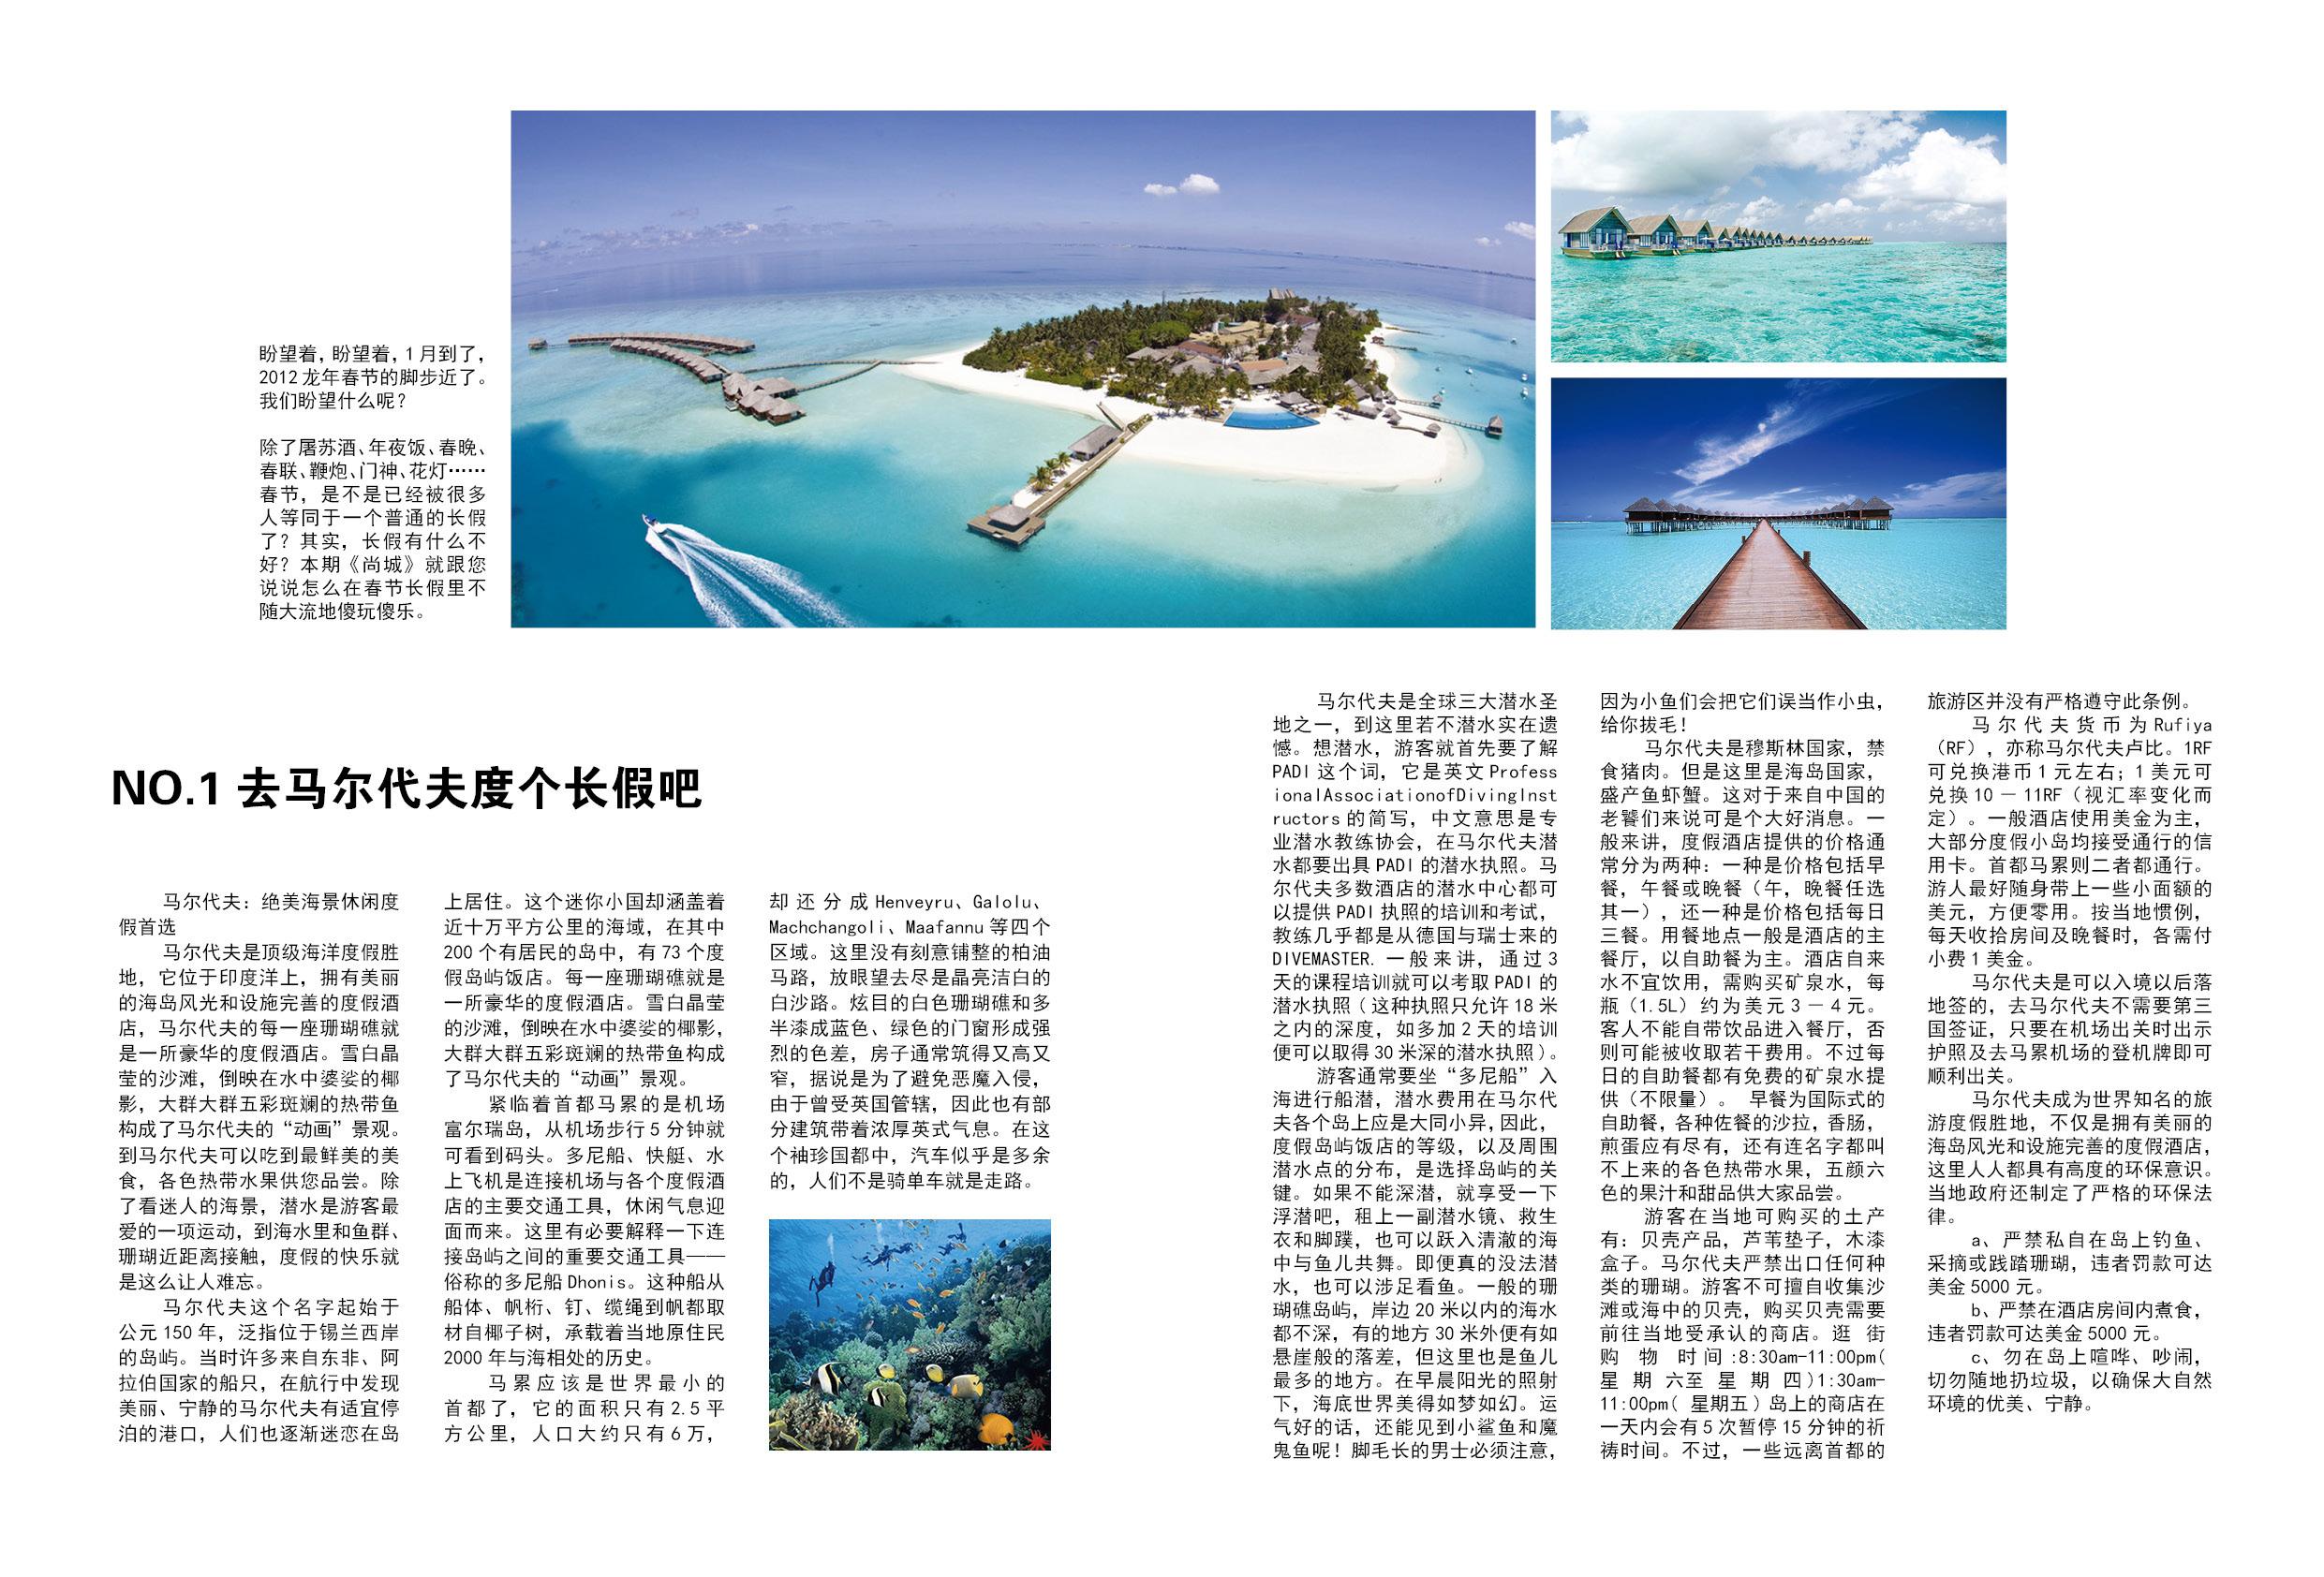 id旅游杂志内页排版